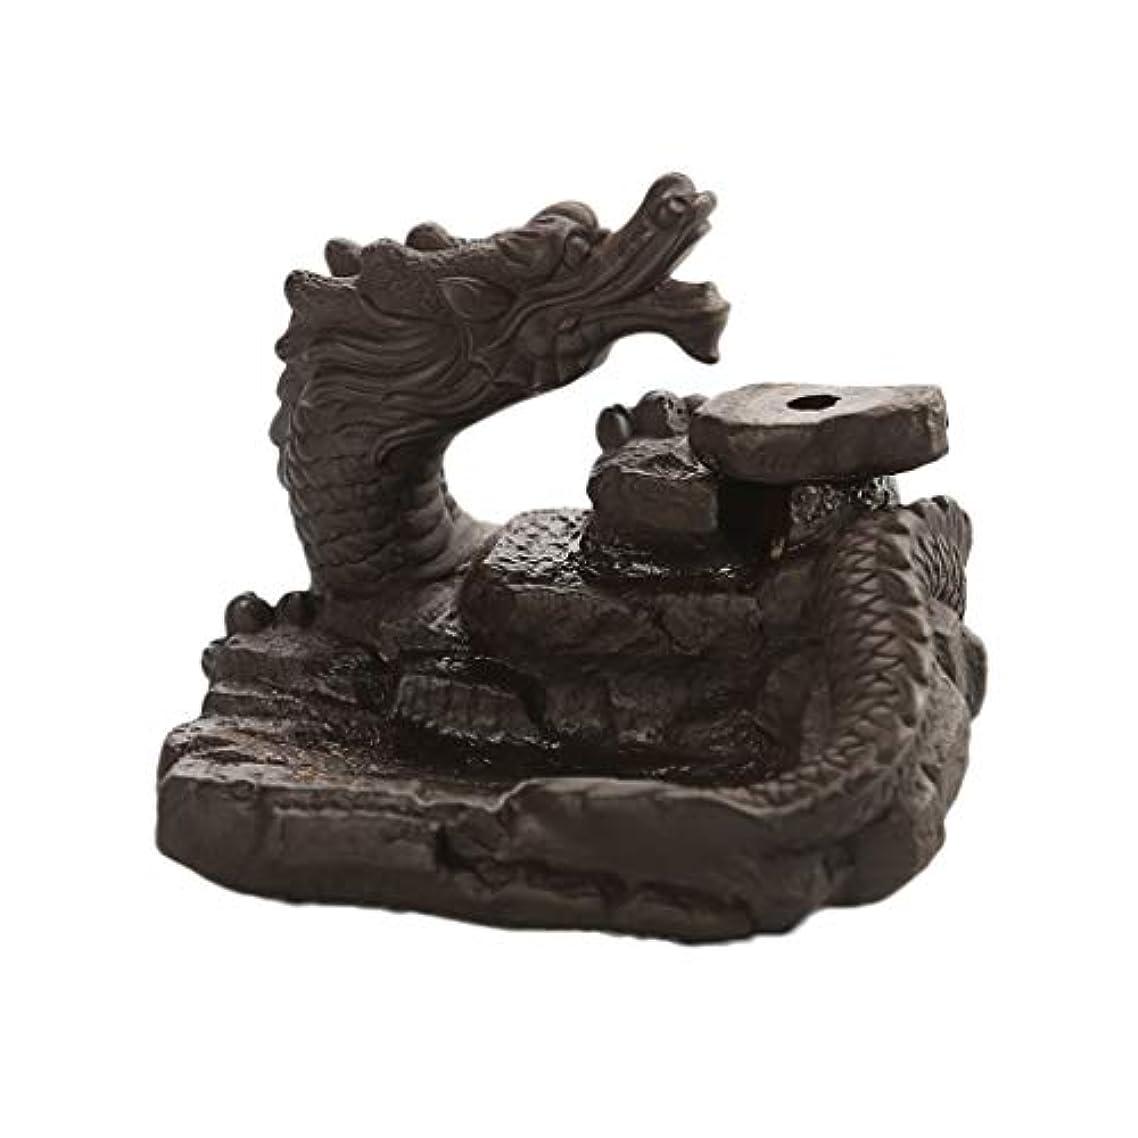 放送遊具感じセラミックドラゴン池香バーナー逆流香スティックコーンバーナーホルダー還流ホームフレグランス装飾装飾品香ホルダー (Color : Black, サイズ : 3.46*3.14*2.36 inches)